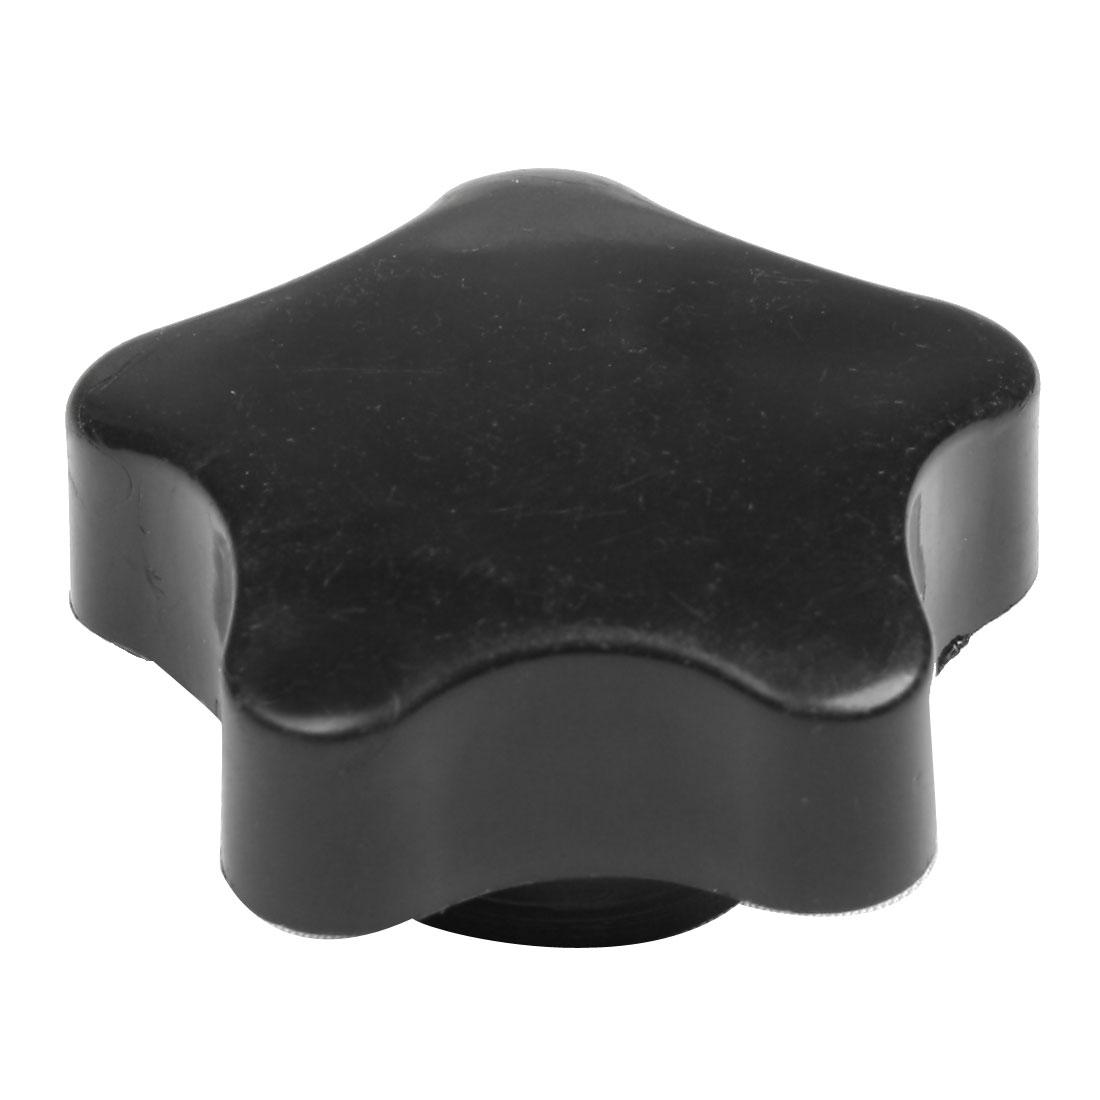 Black Gold Tone M8 40mm Diameter Star Head Clamping Knob Repair Part